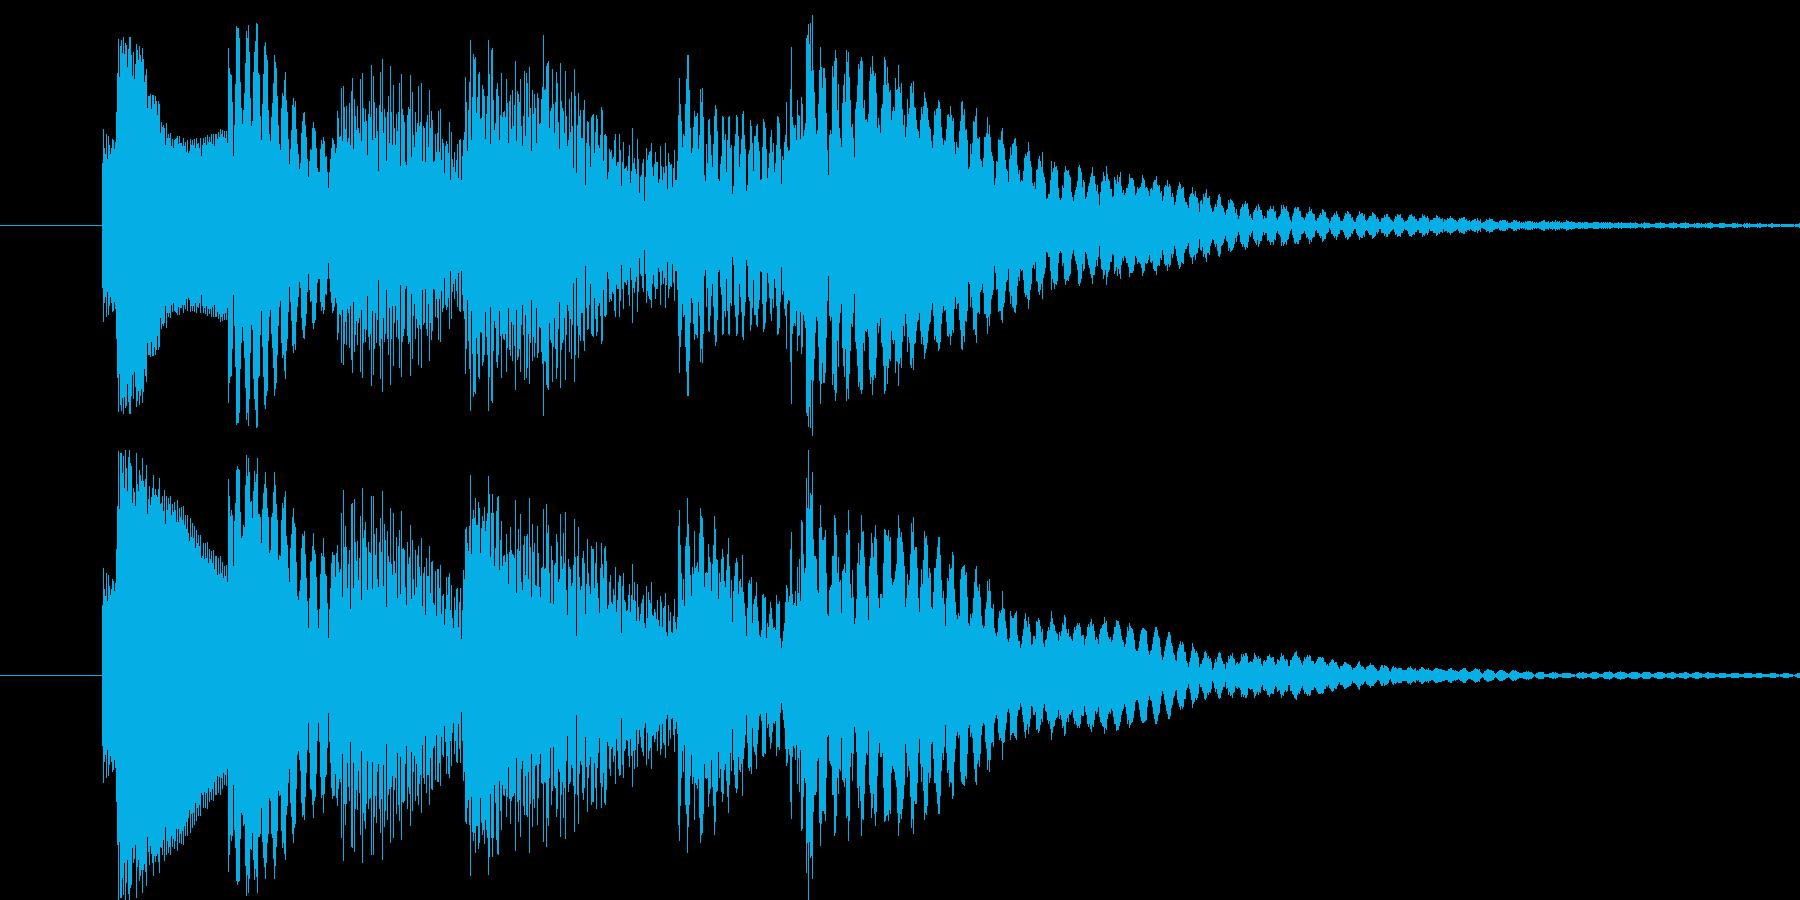 番組コーナーのタイトル音などにの再生済みの波形